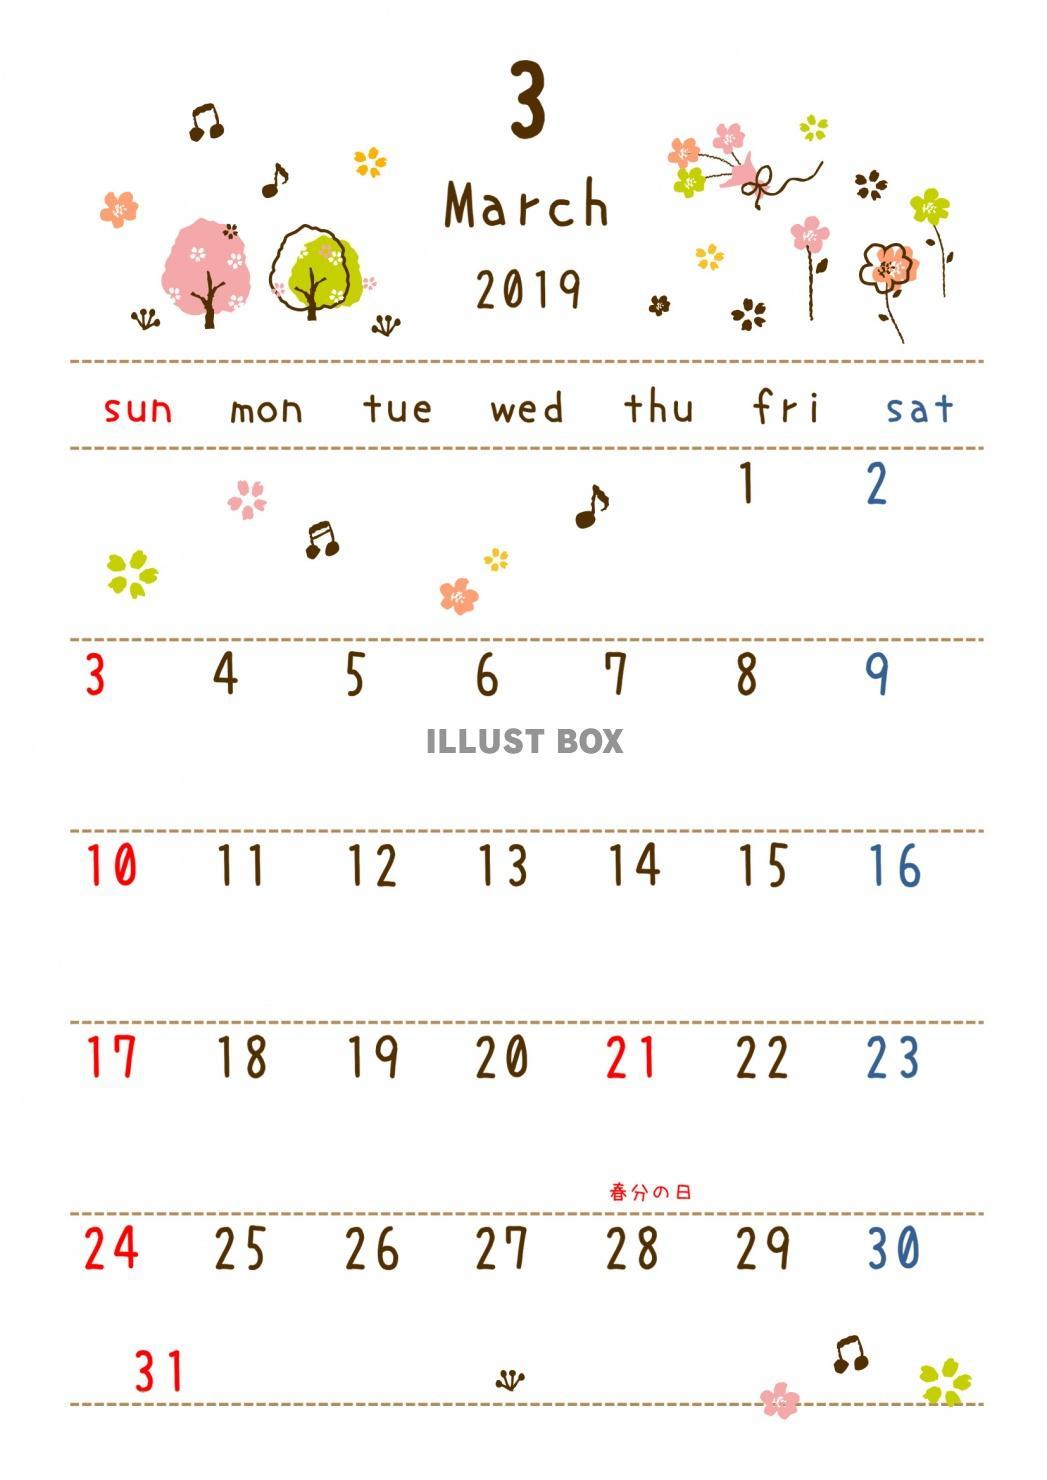 無料イラスト 19年3月 カレンダー 季節の落書き